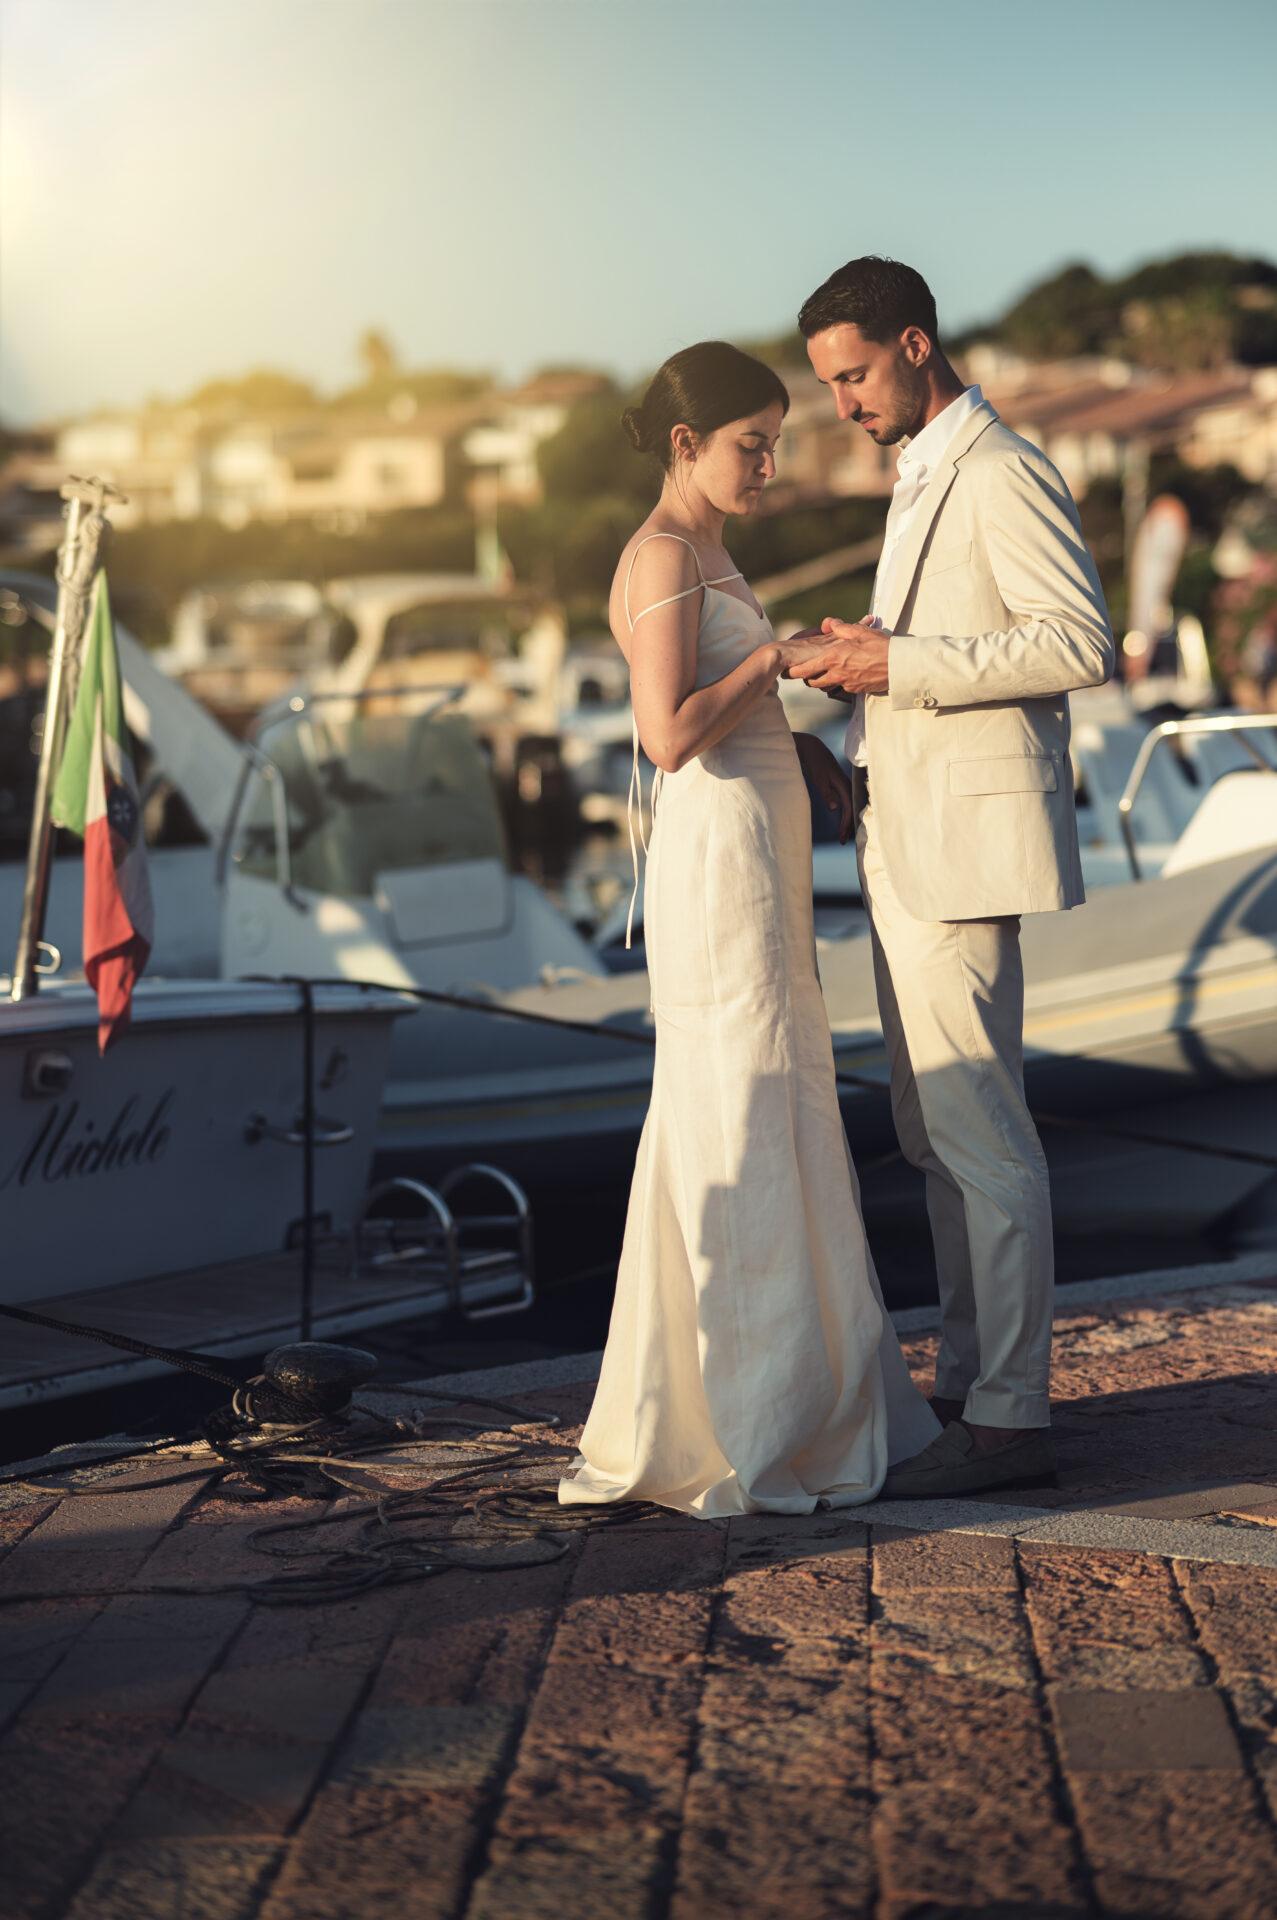 DSC7044 - Matrimonio in Sardegna